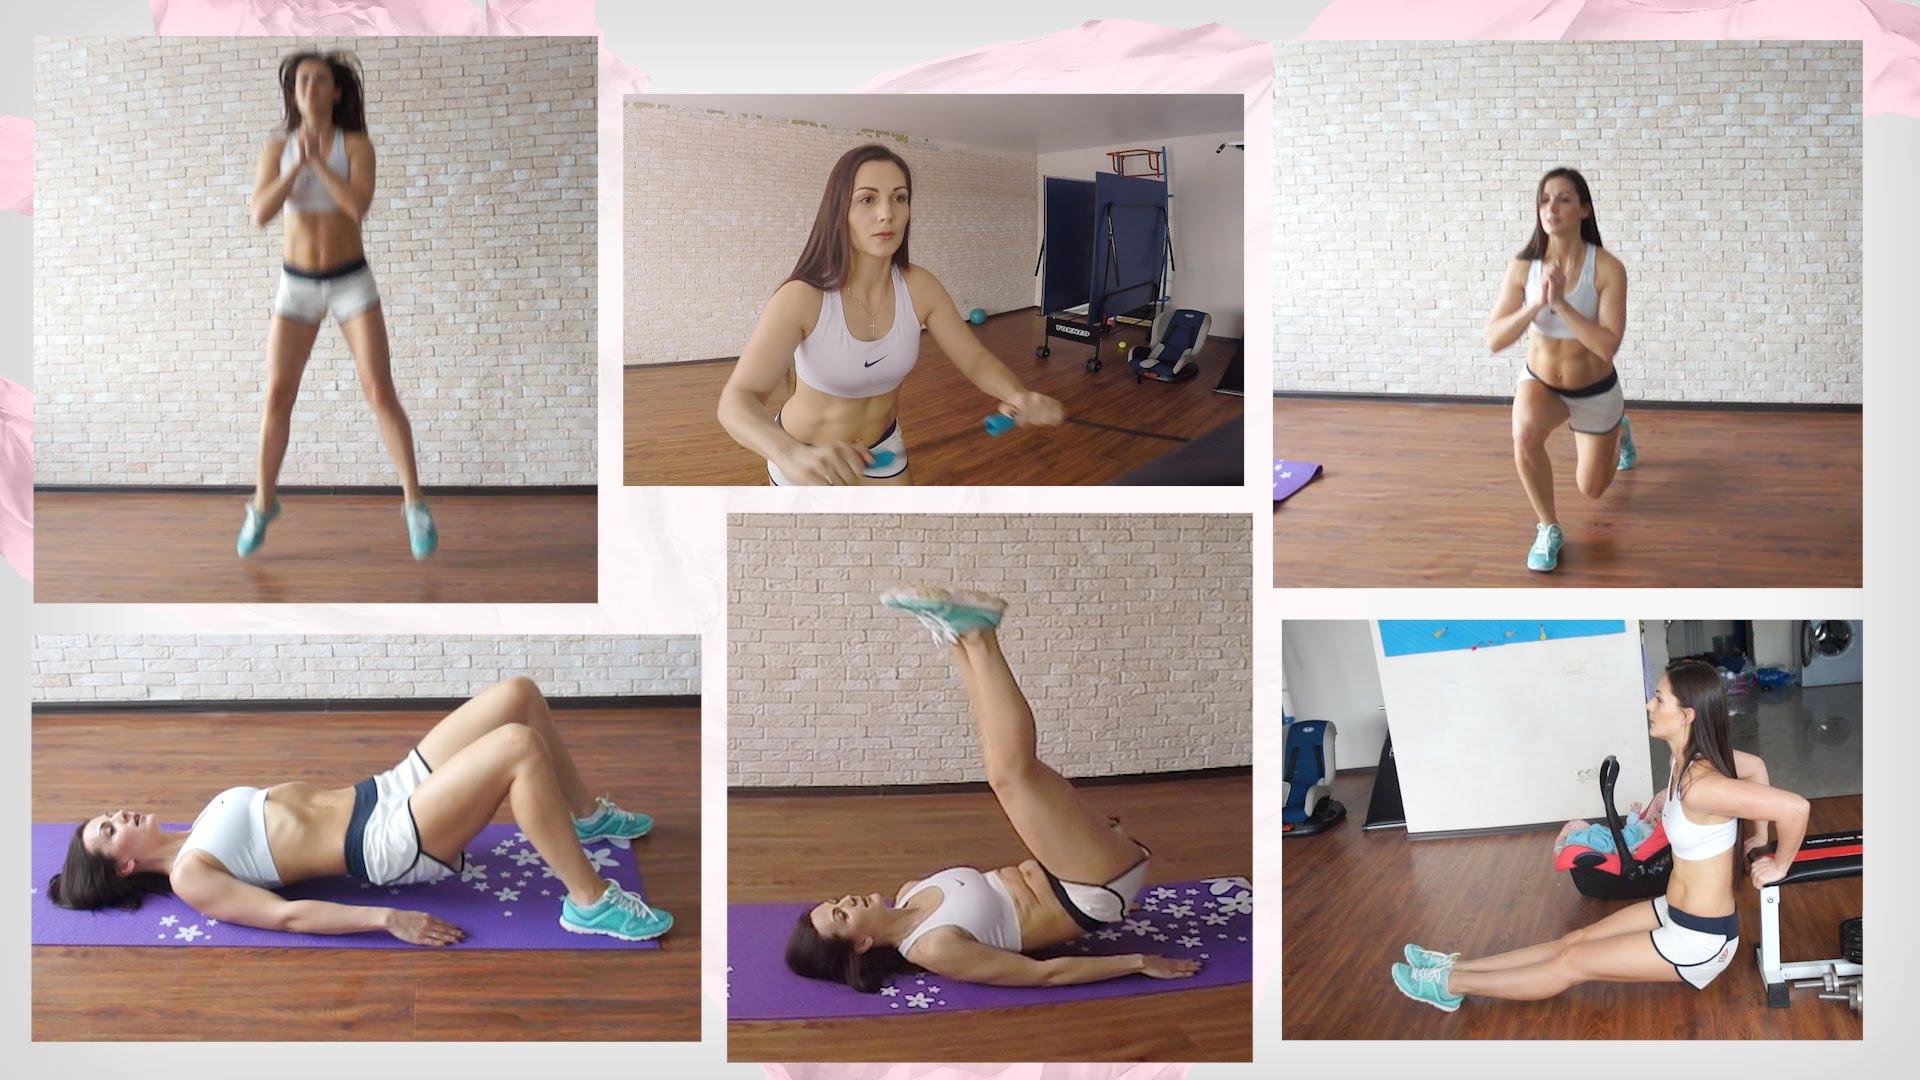 Комплекс упражнений для интенсивного похудения видео